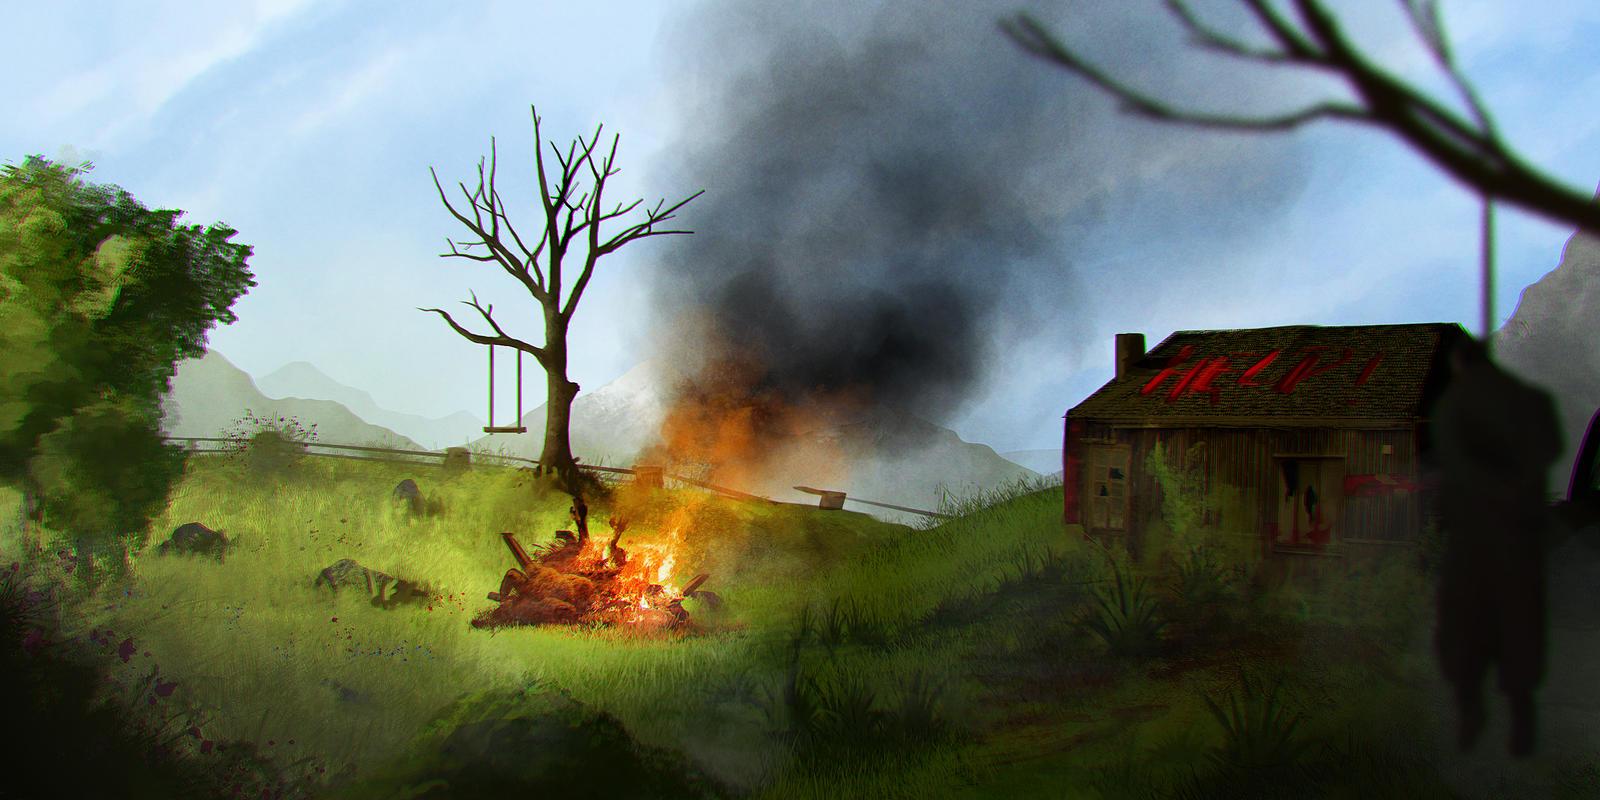 The Apocalypse by xpsam